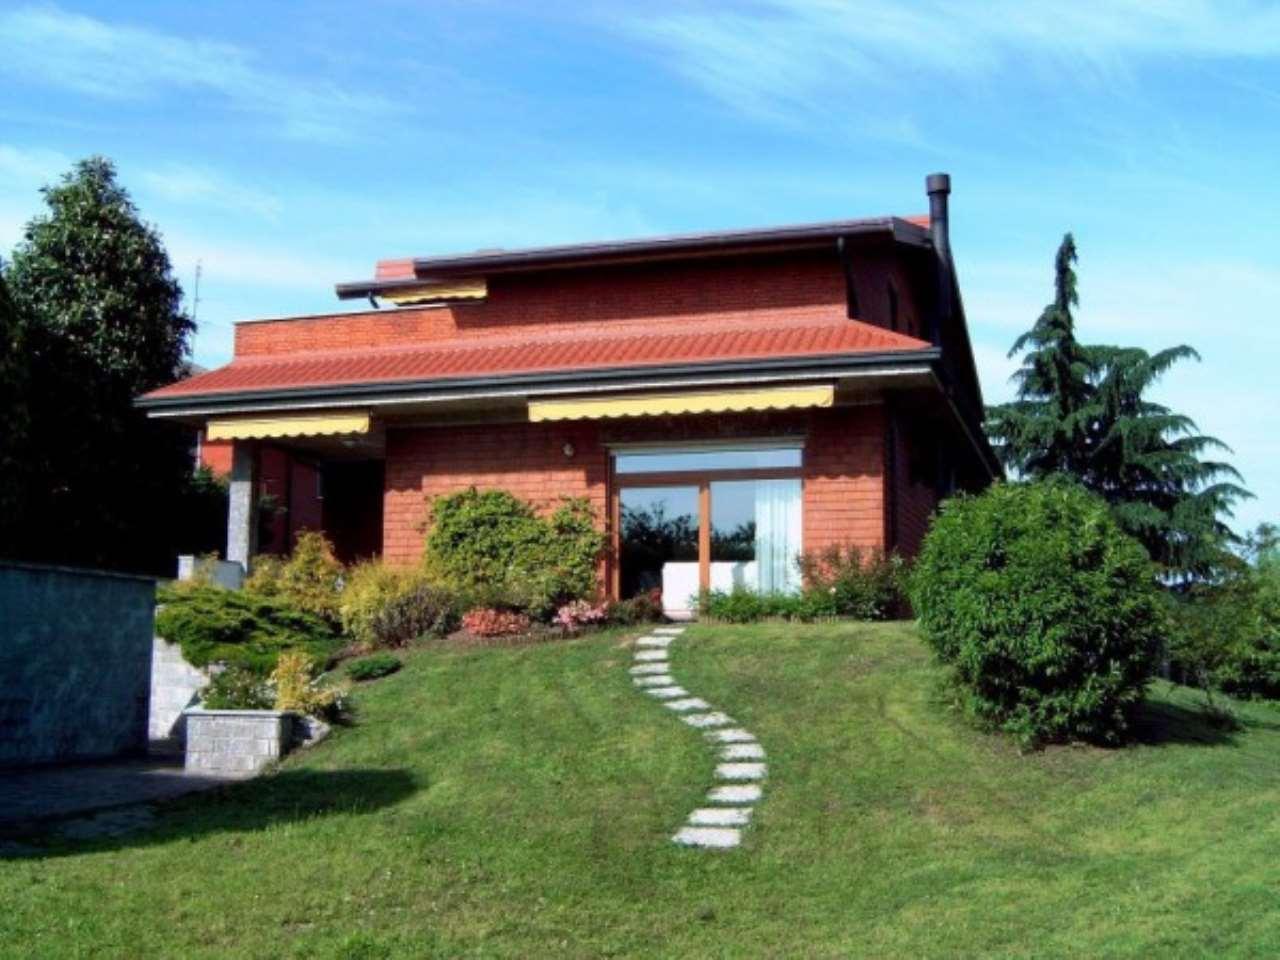 Villa in vendita a Pogliano Milanese, 6 locali, prezzo € 549.000 | CambioCasa.it